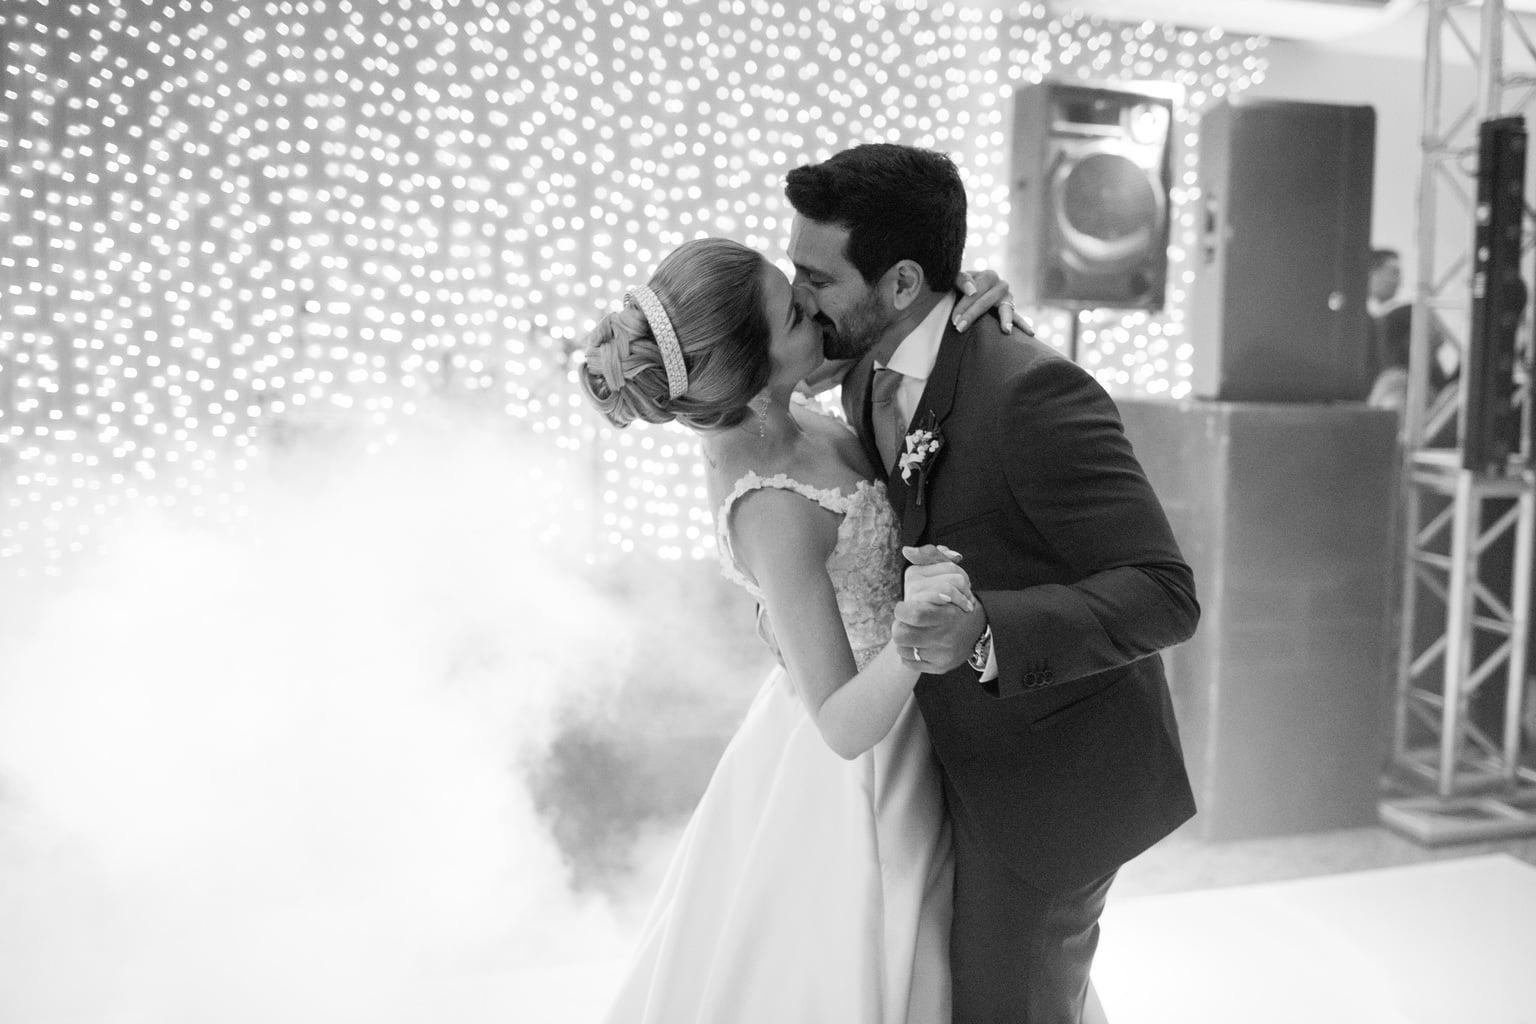 casamento-clássico-casamento-tradicional-rio-de-janeiro-niterói-Fotografia-Giovani-Garcia-casamento-Cássia-e-Daniel-15-1